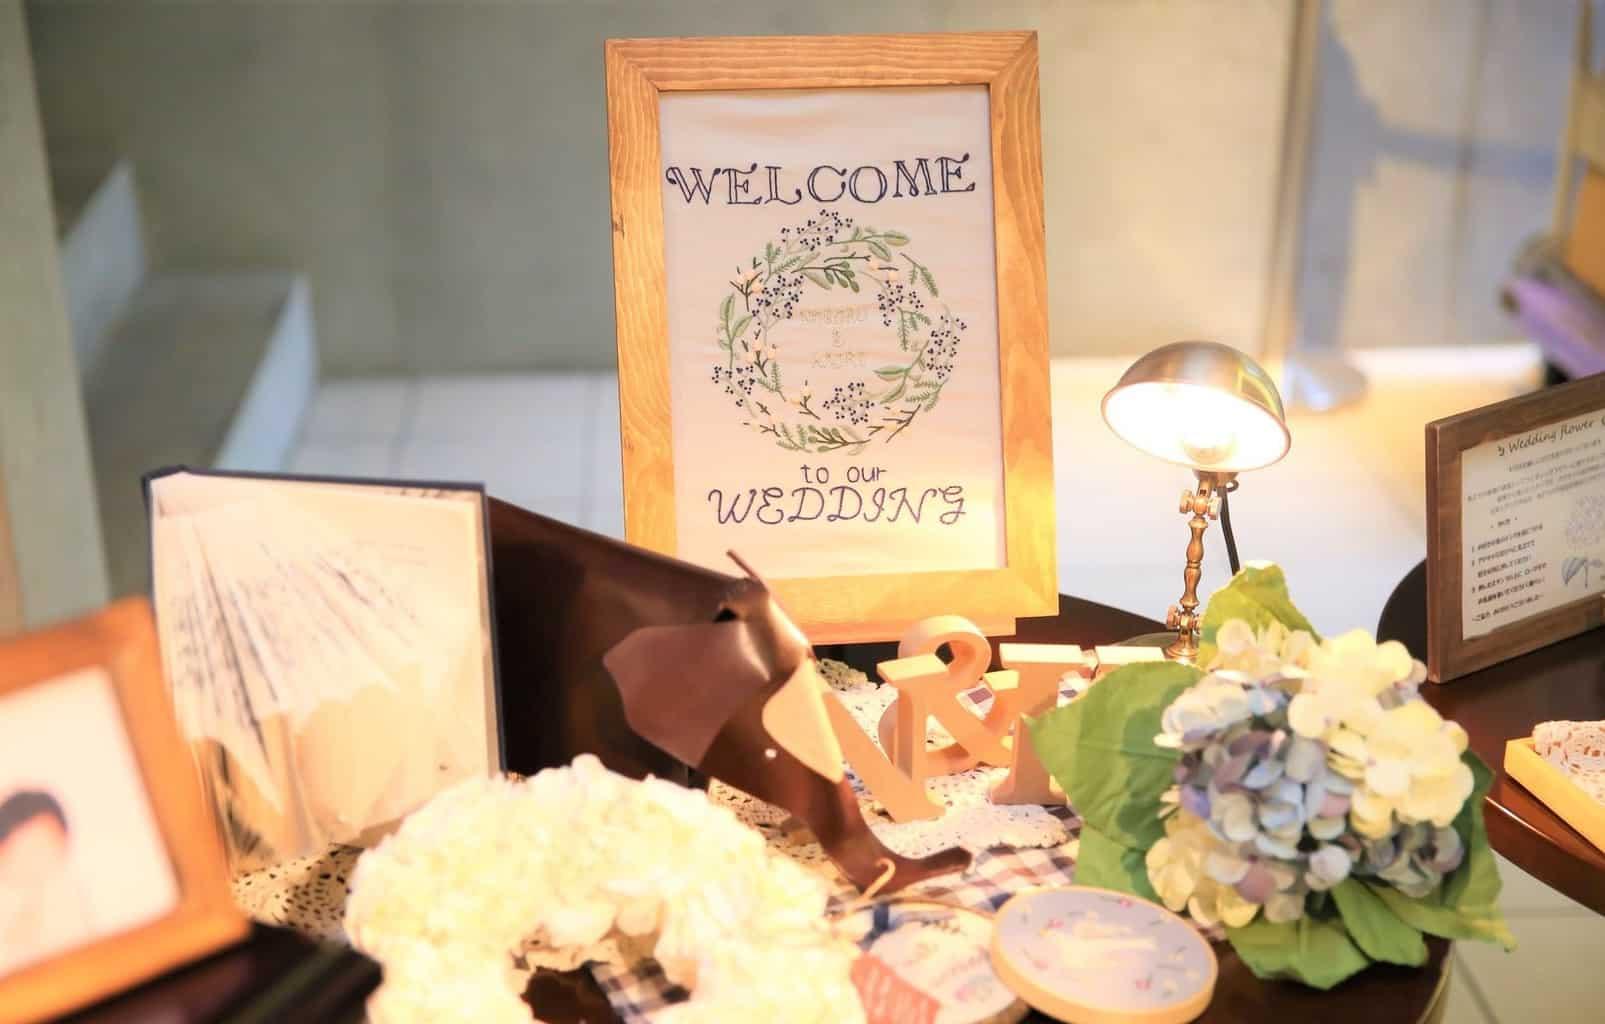 こだわり派花嫁さん必見!オリジナリティあふれるウェルカムボード15選のカバー写真